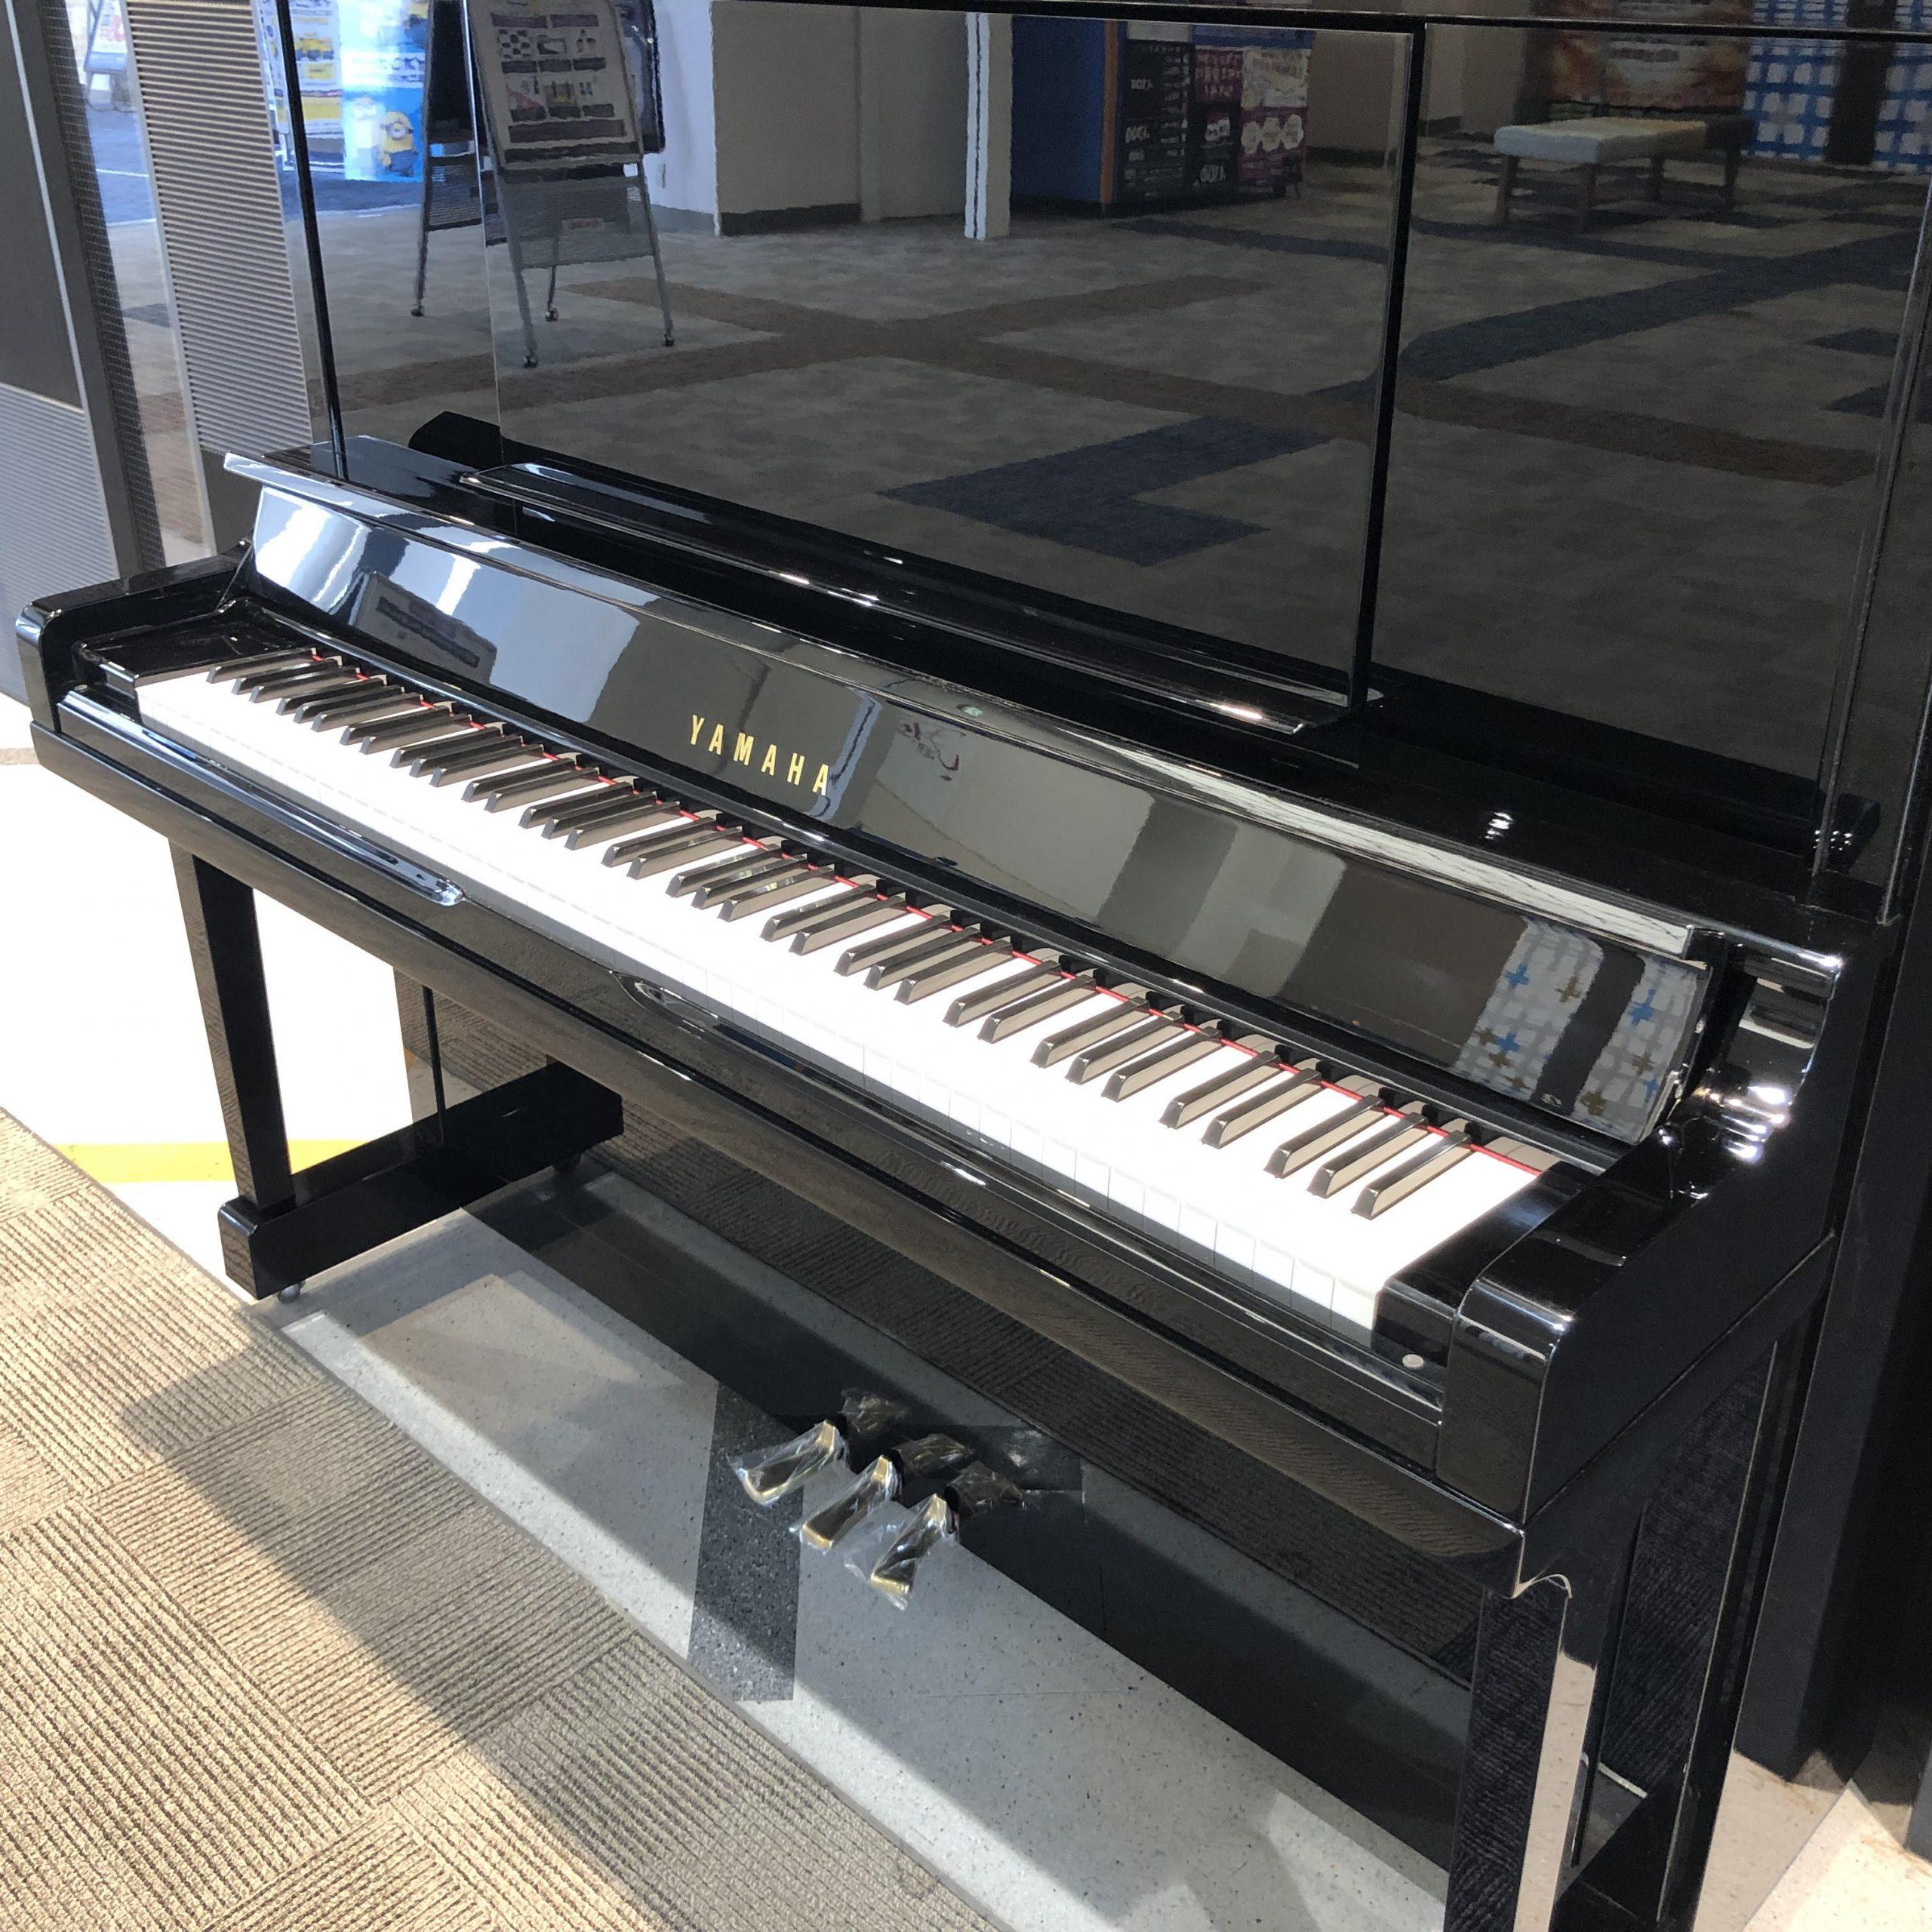 中古ピアノ アップライトピアノ X支柱 UX UX30BL 人気 ヤマハ YAMAHA 選び方 価格 千葉ニュータウン 印西